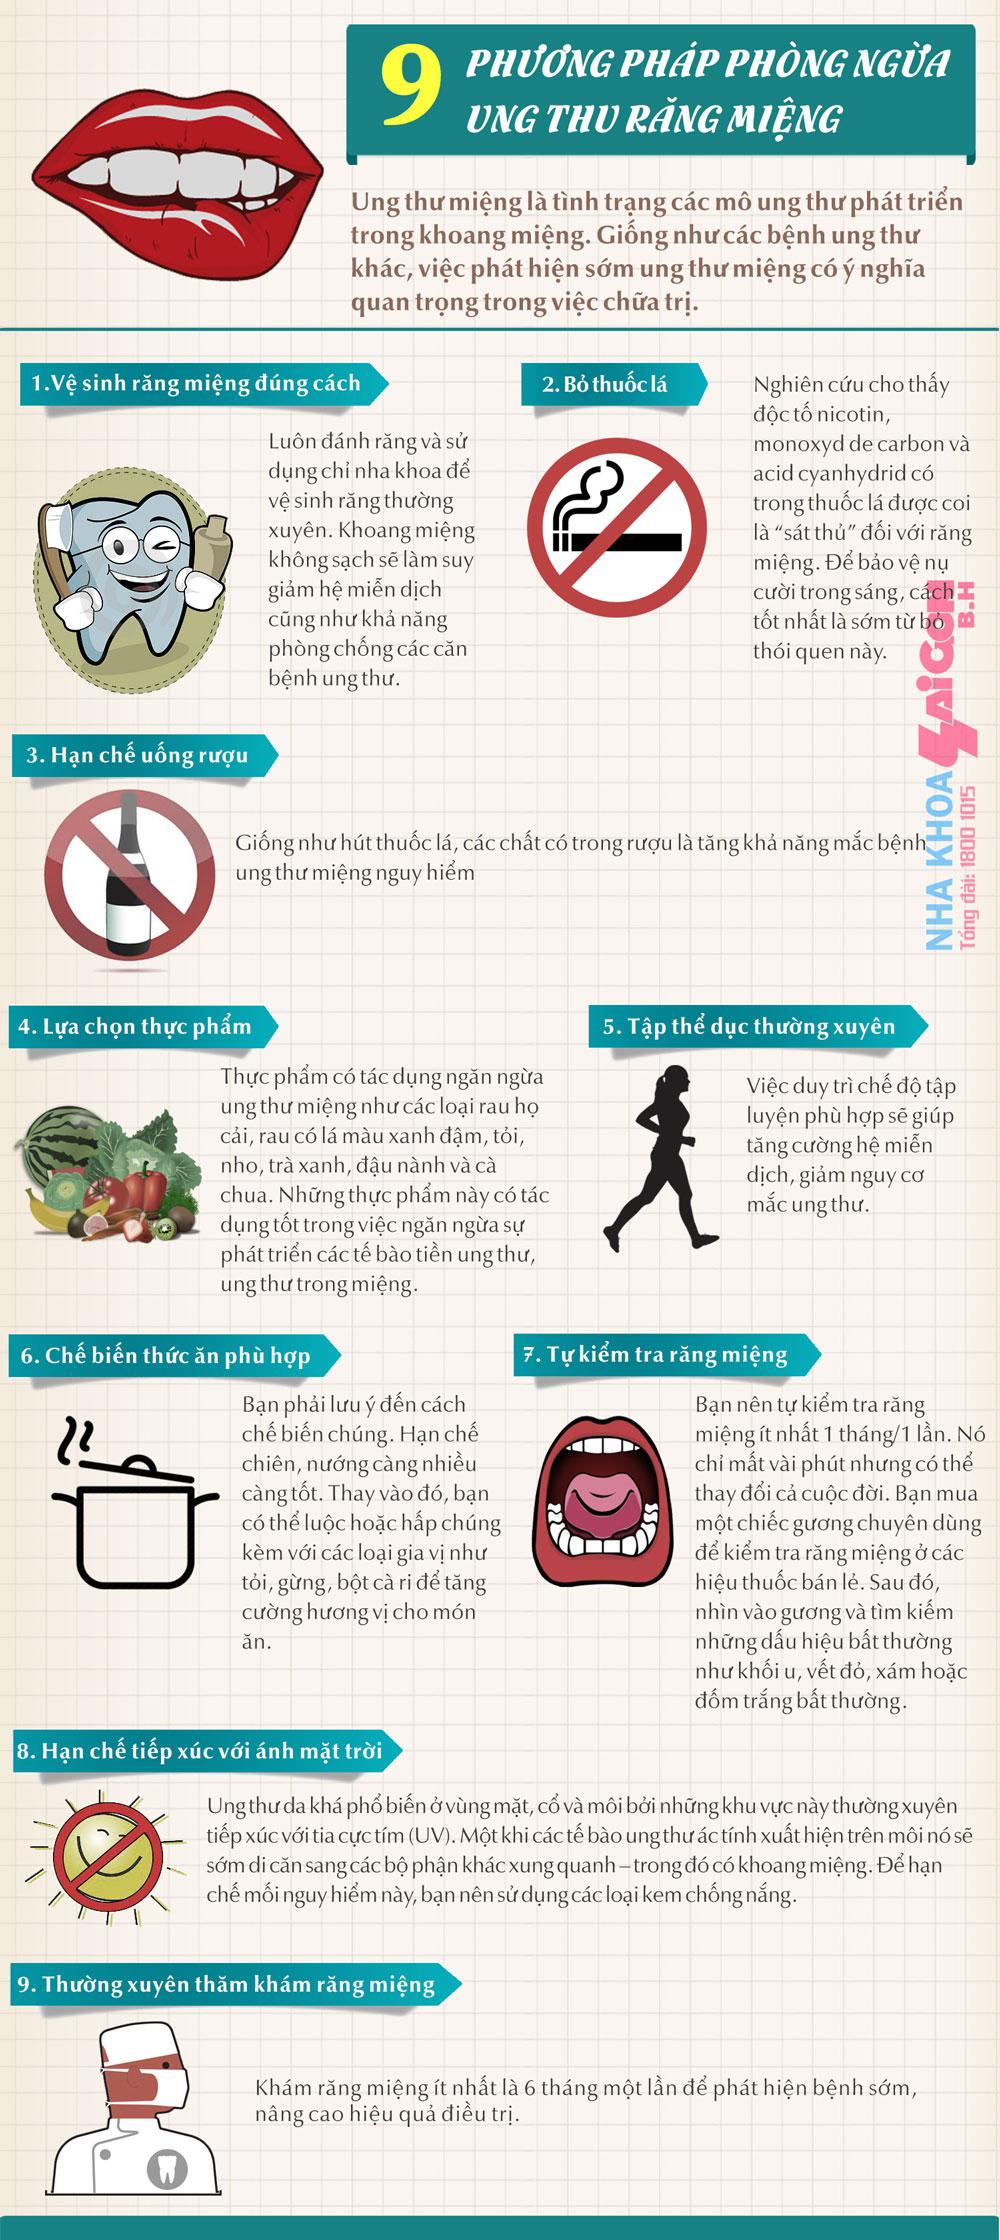 9 Phương pháp phòng ngừa ung thư răng miệng